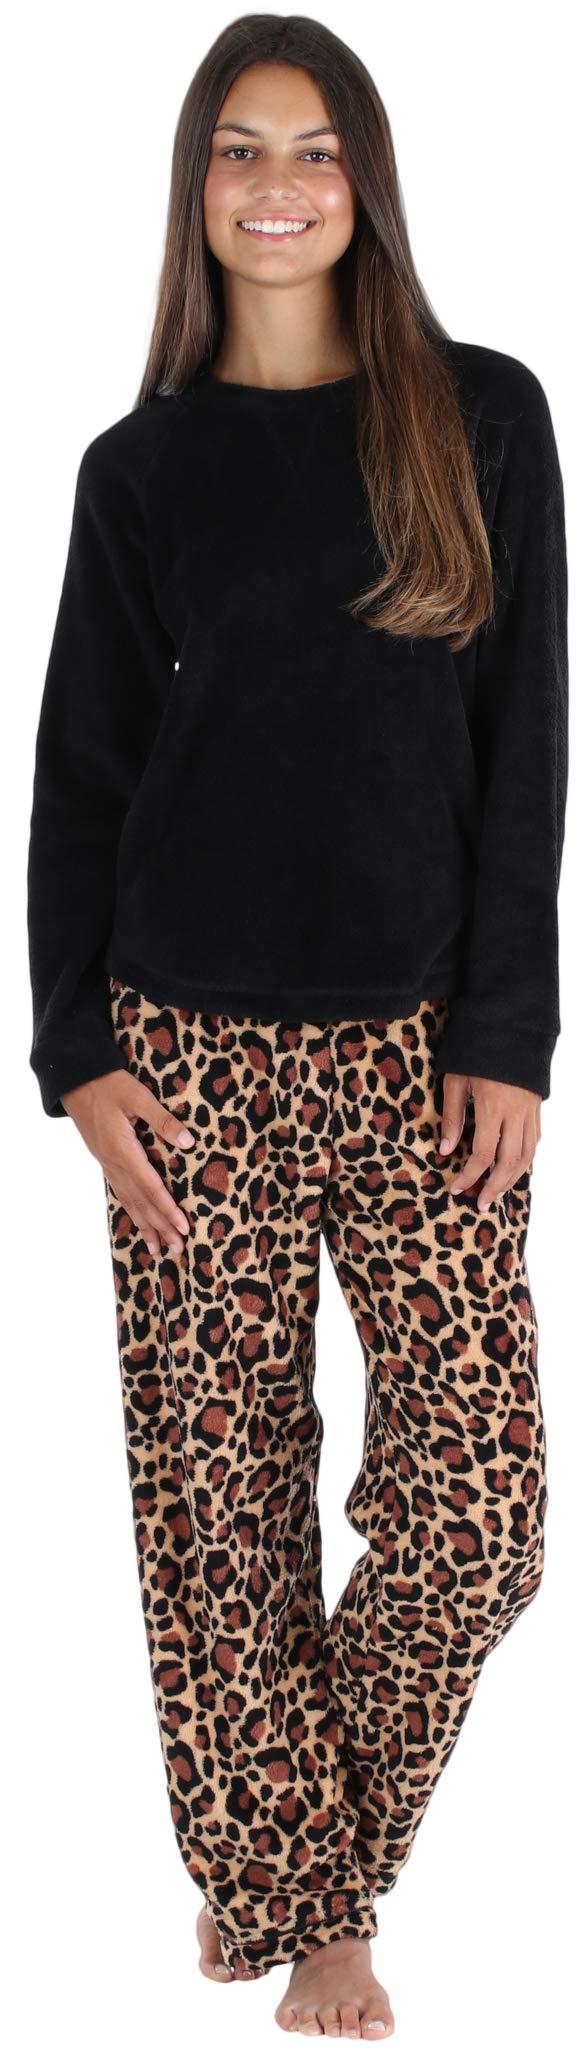 PajamaMania Women's Fleece Long Sleeve Pajamas PJ Set